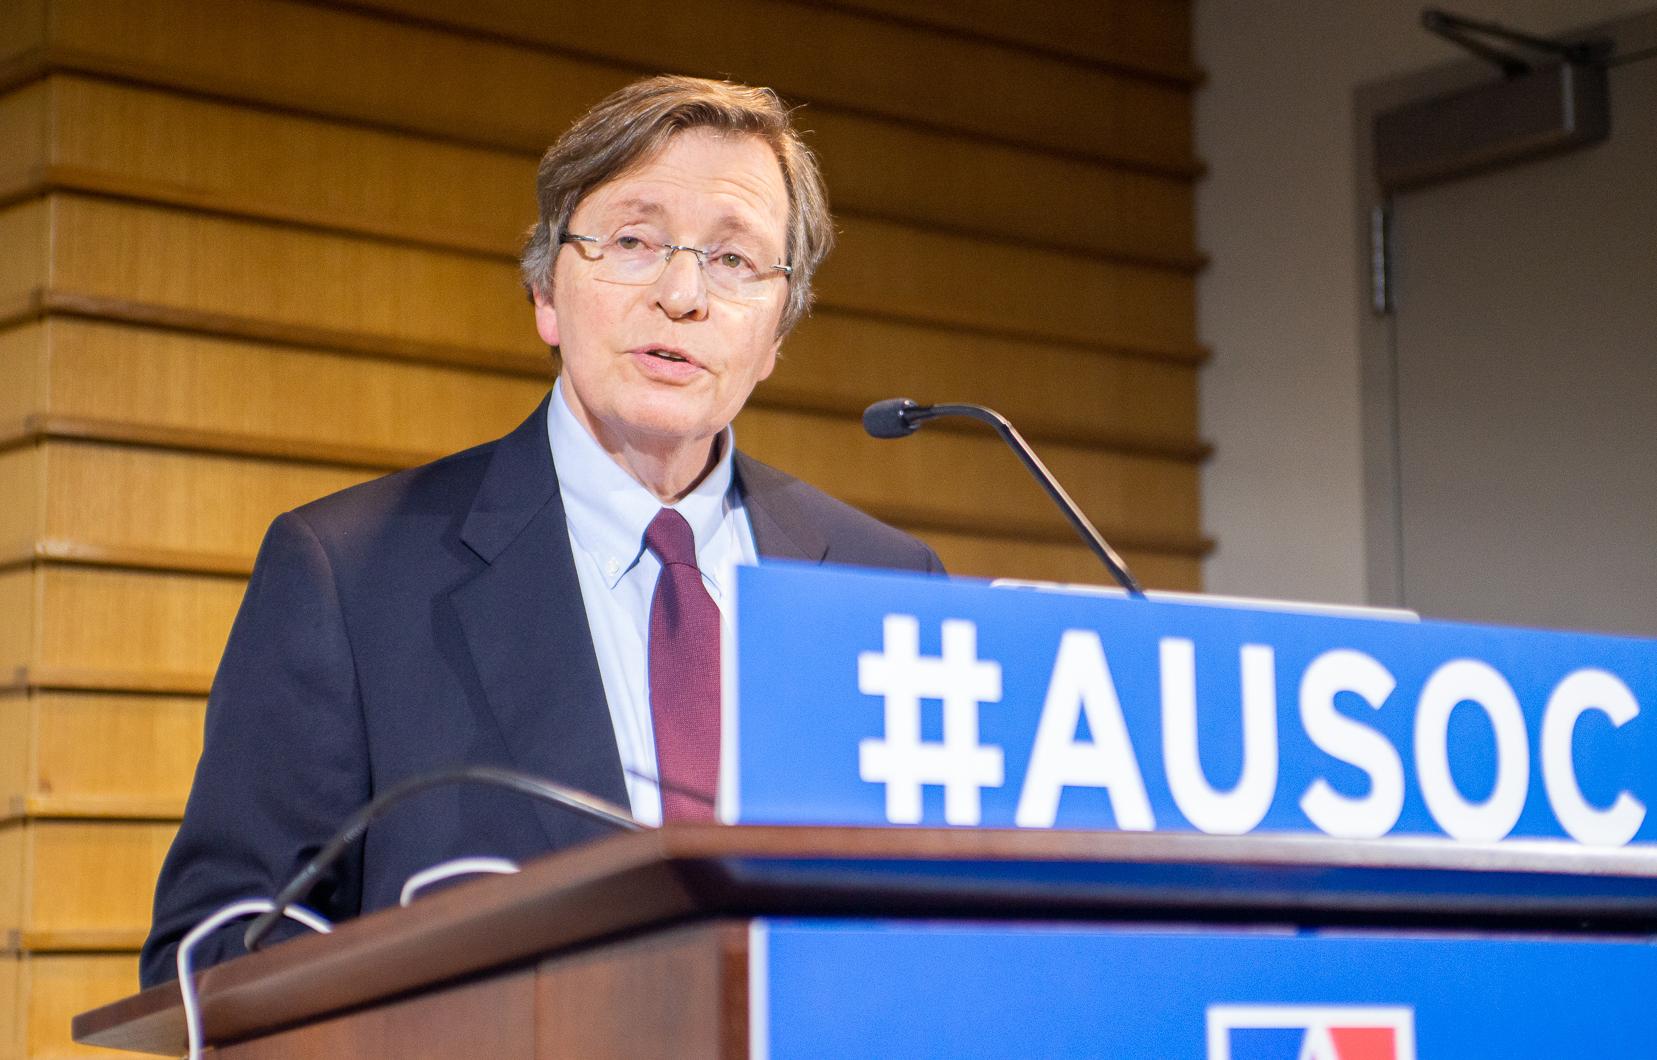 Charles Lewis speaking at podium